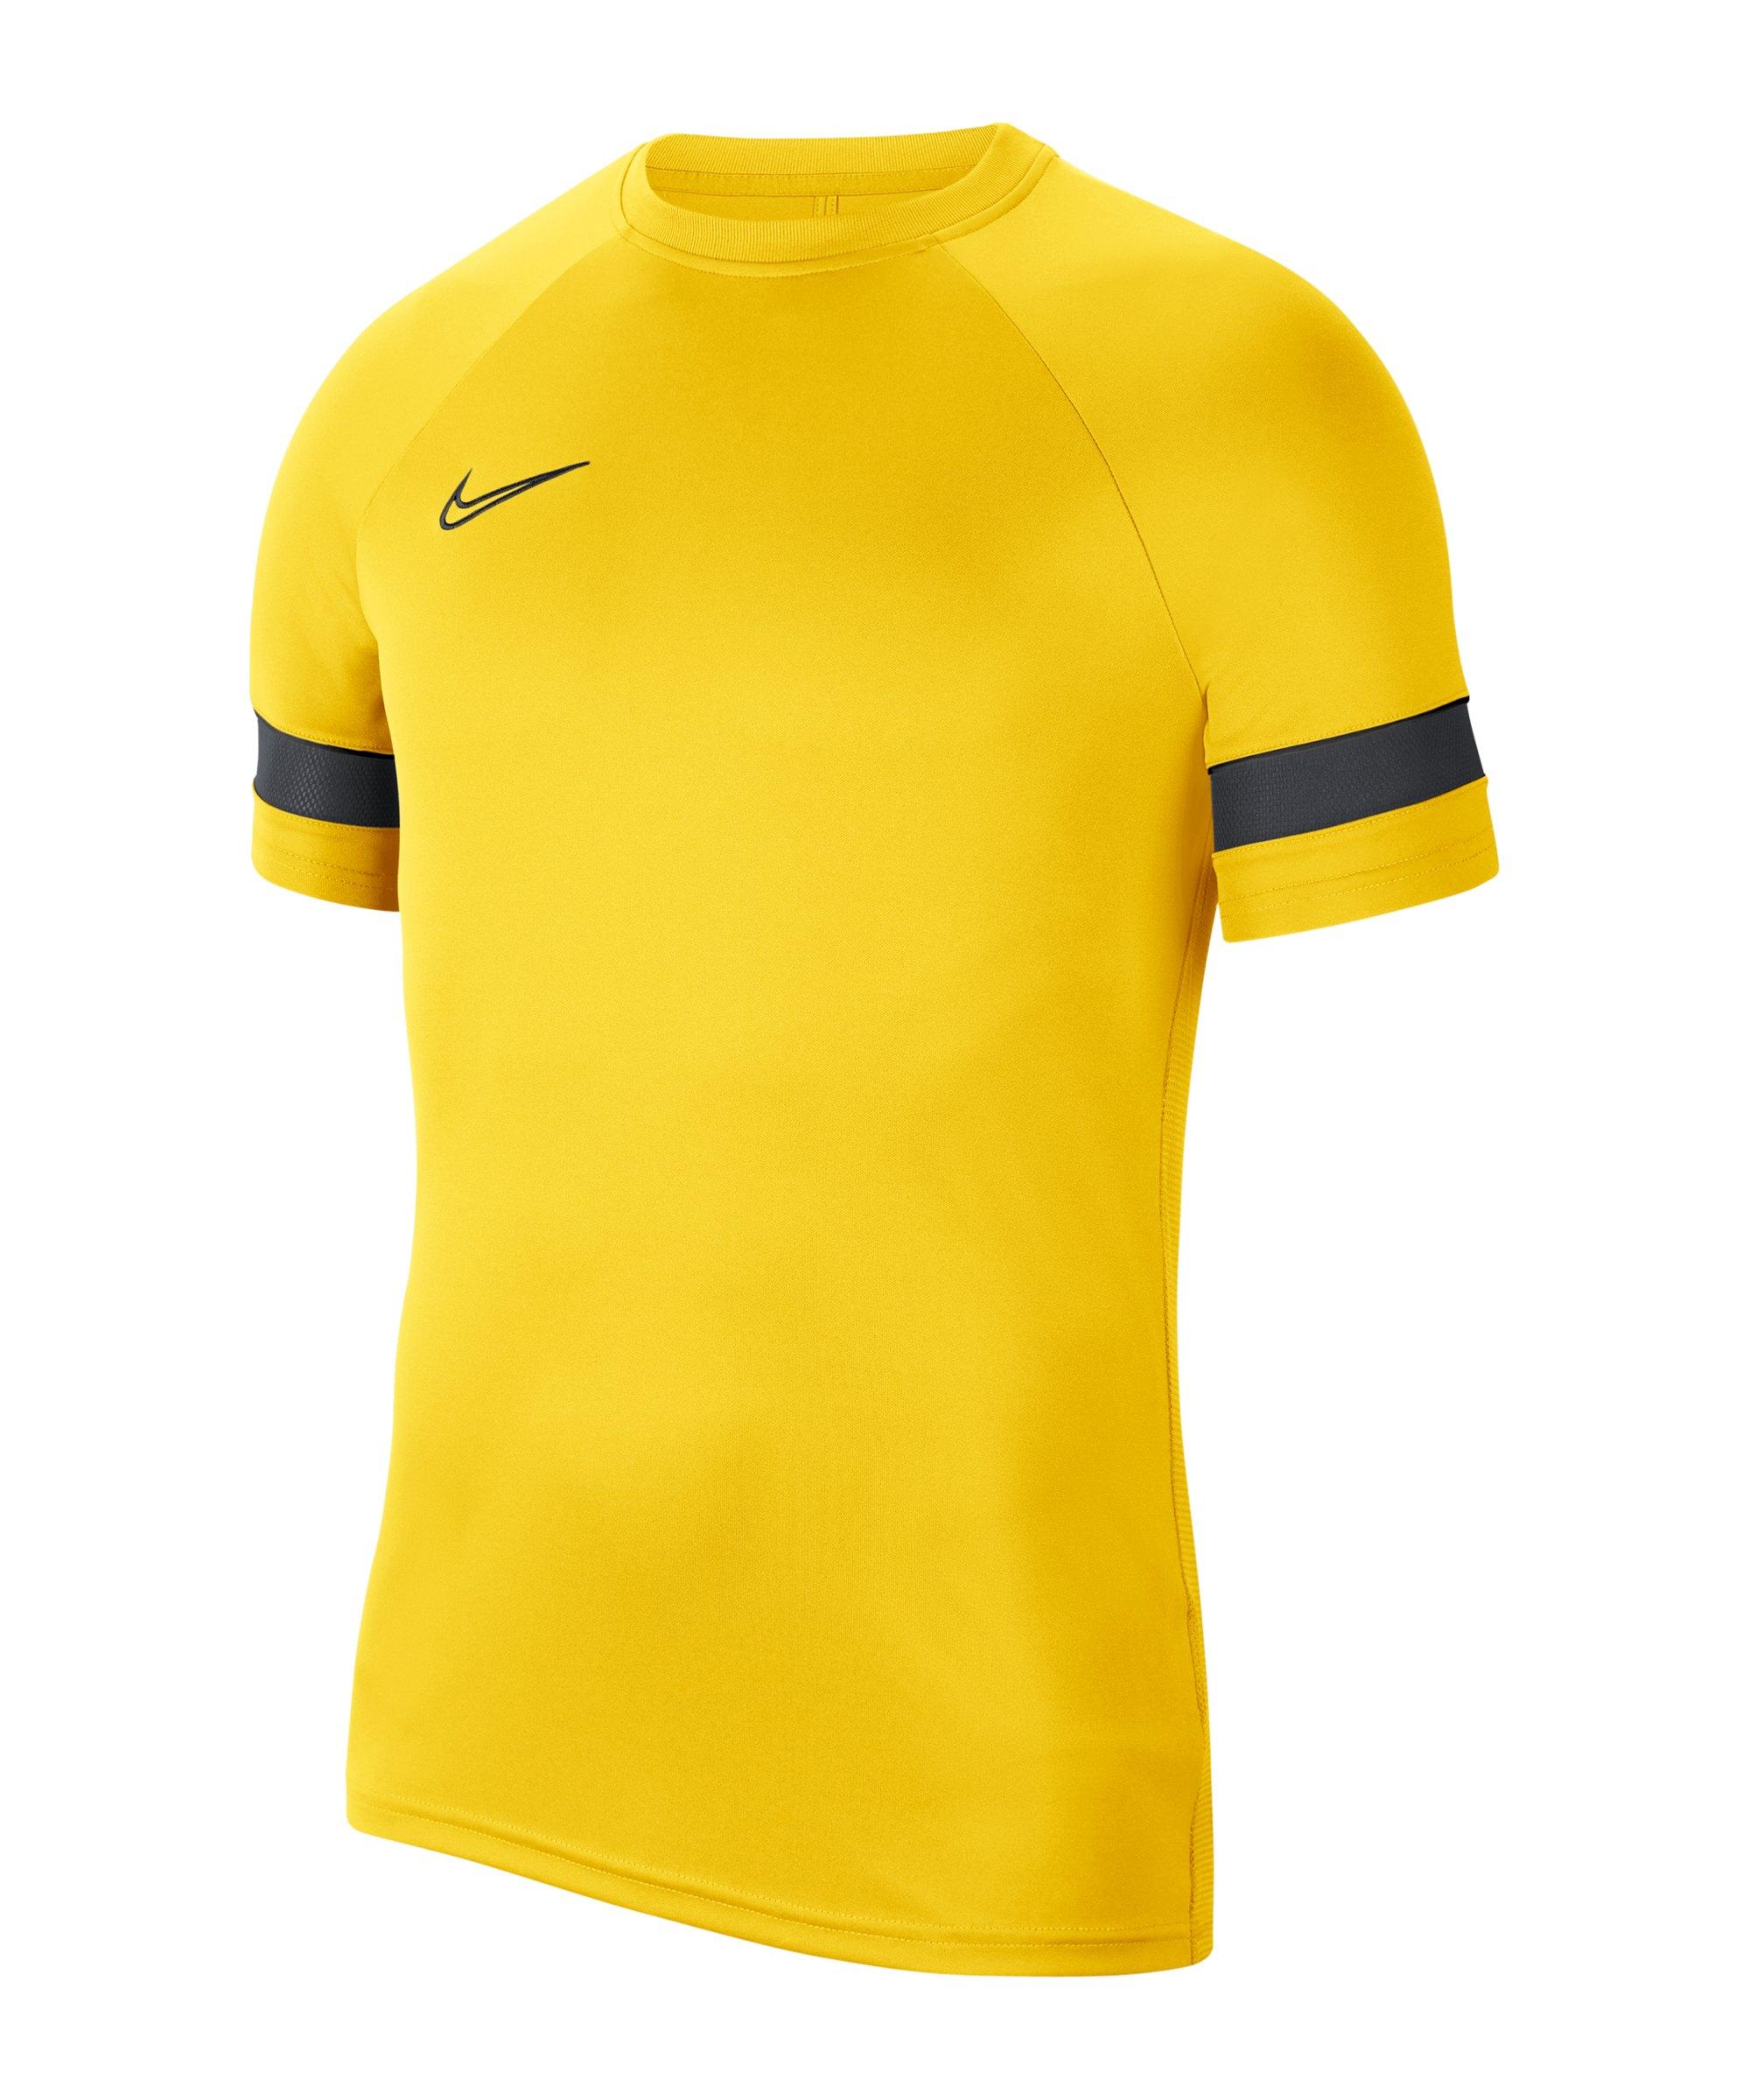 Nike Academy 21 T-Shirt Gelb Schwarz F719 - gelb